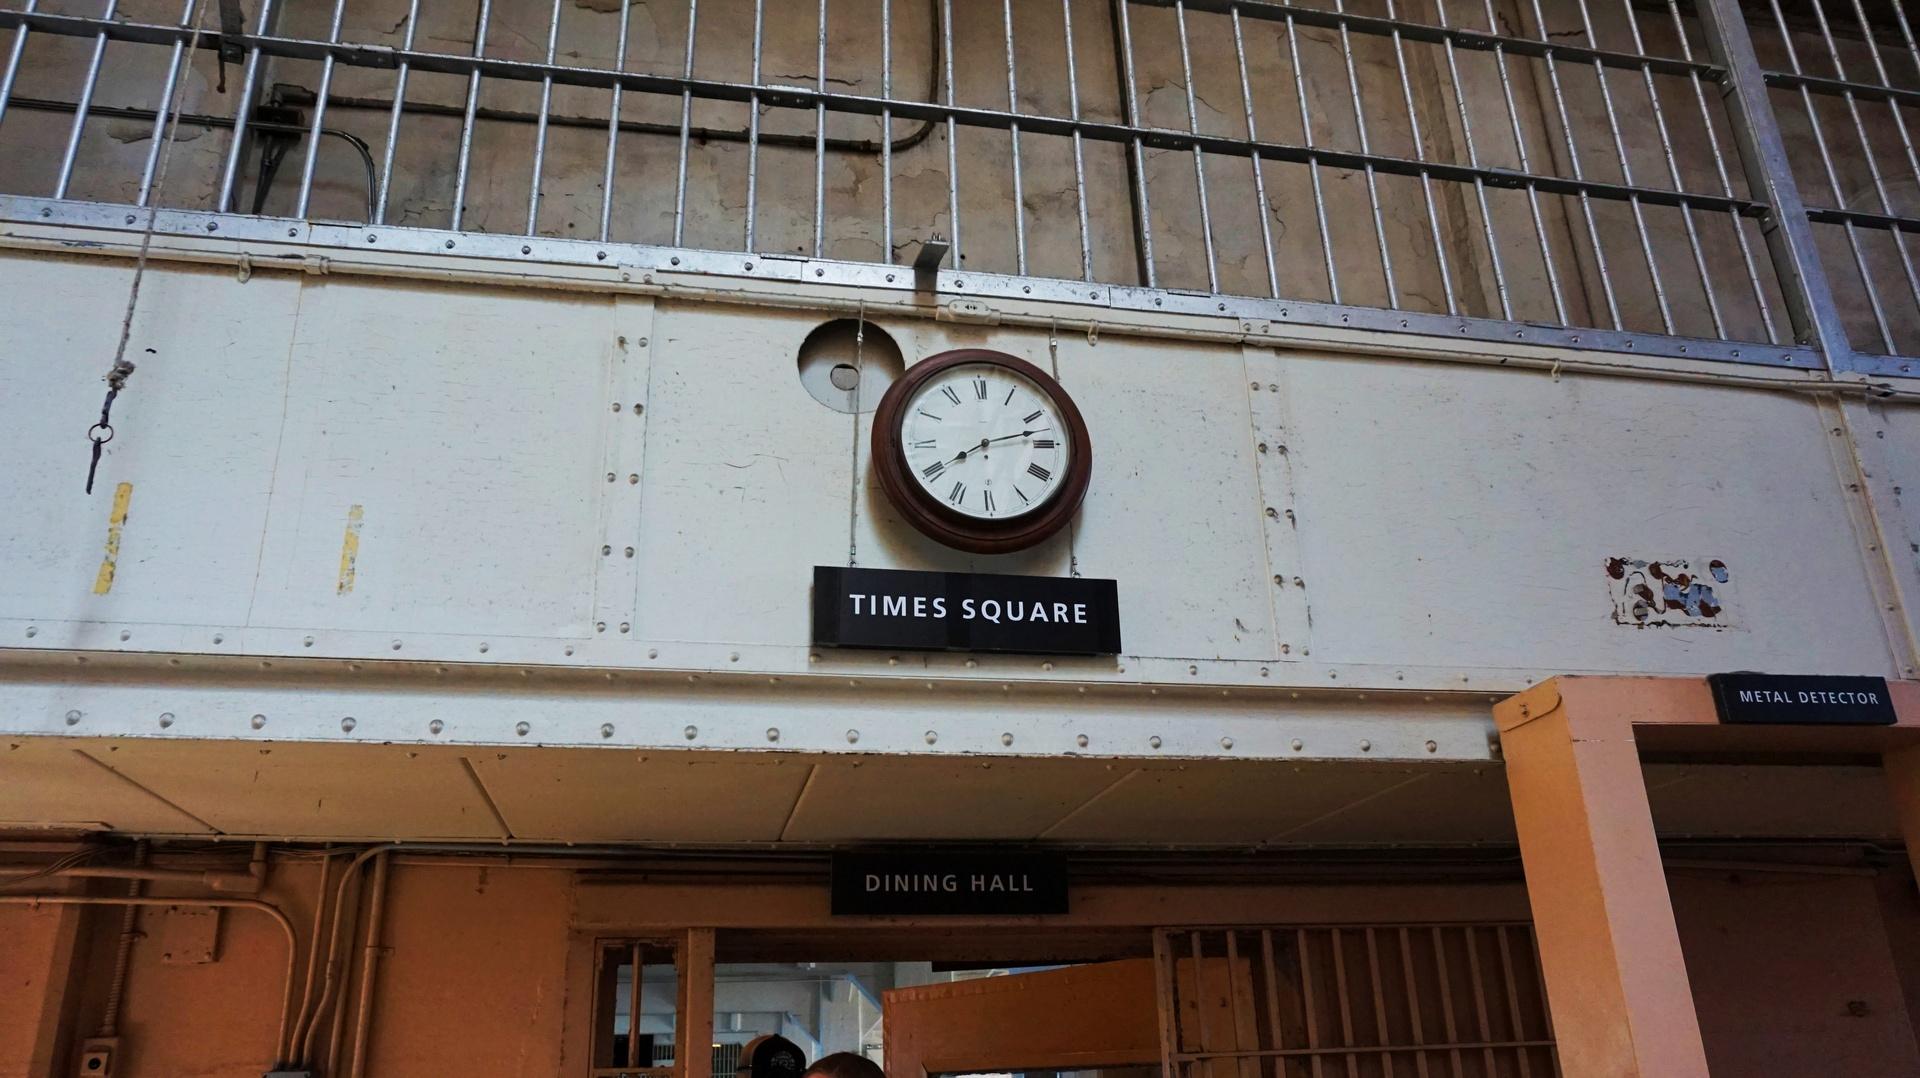 Zegar i Times Square w więzieniu Alcatraz, San Francisco, USA | Sway the way